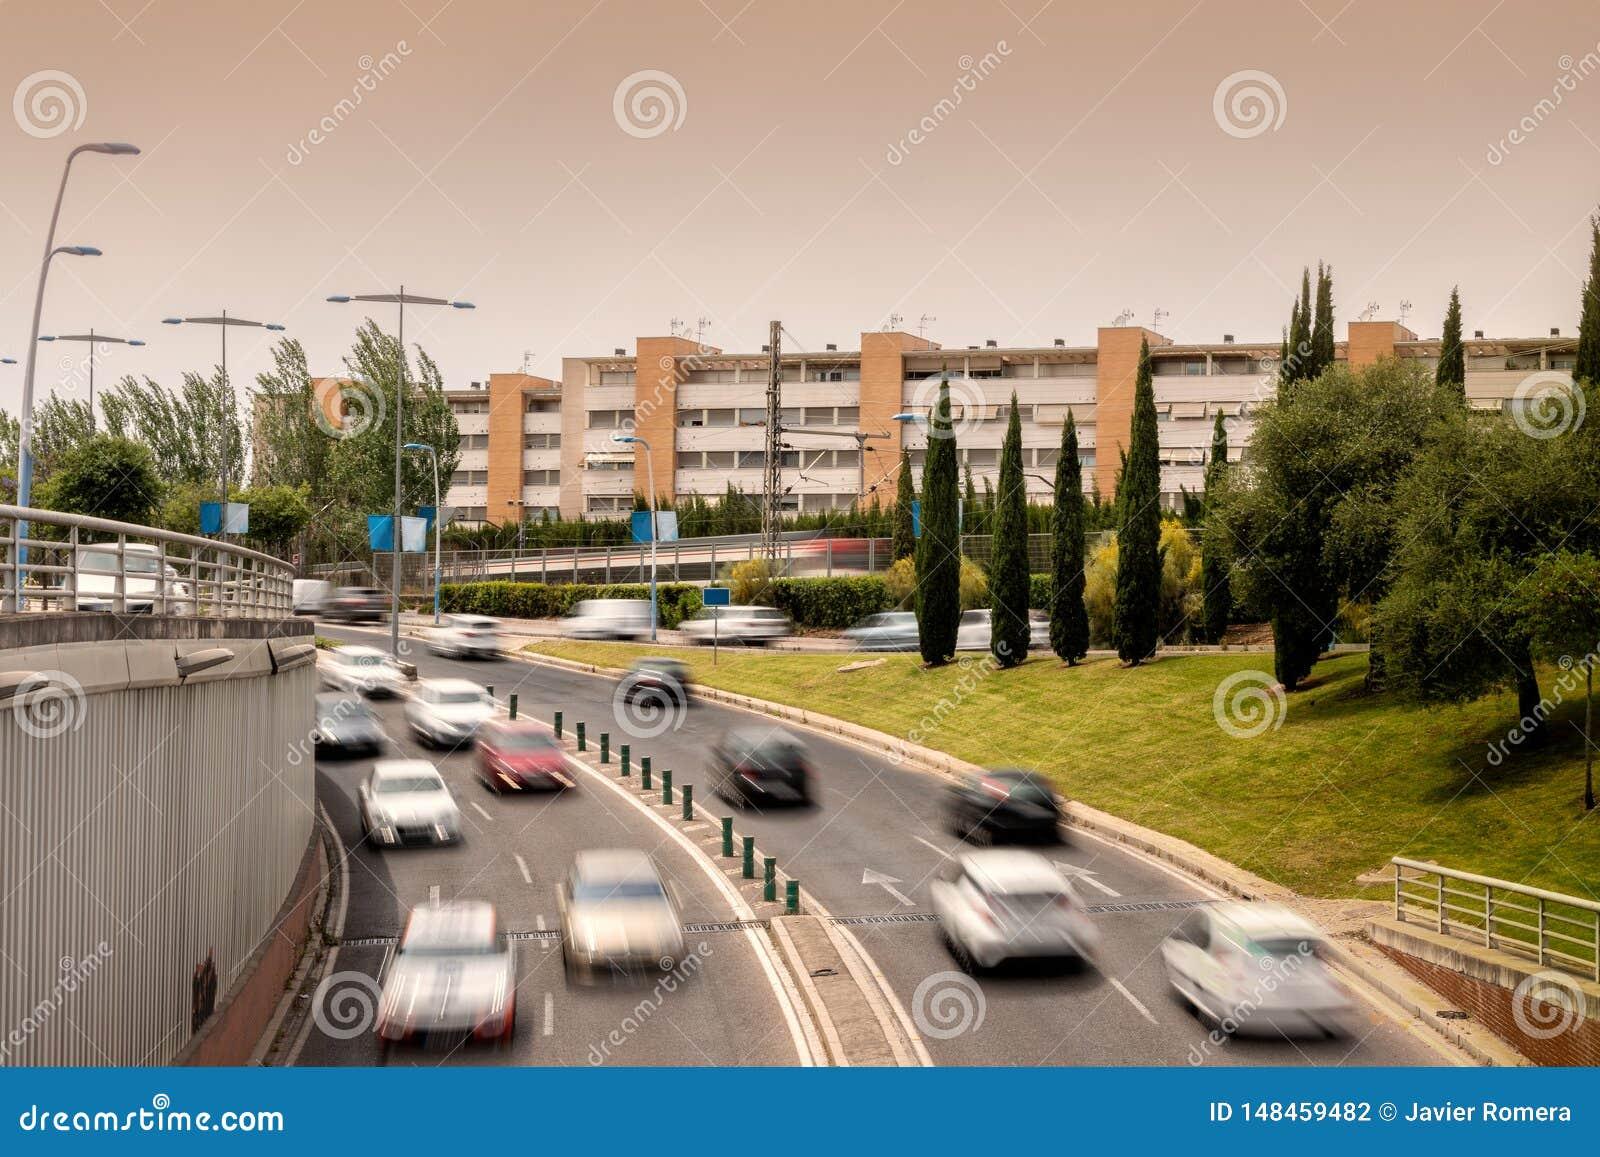 VerkehrsHauptverkehrszeit mit einem unscharfen Zug im Hintergrund